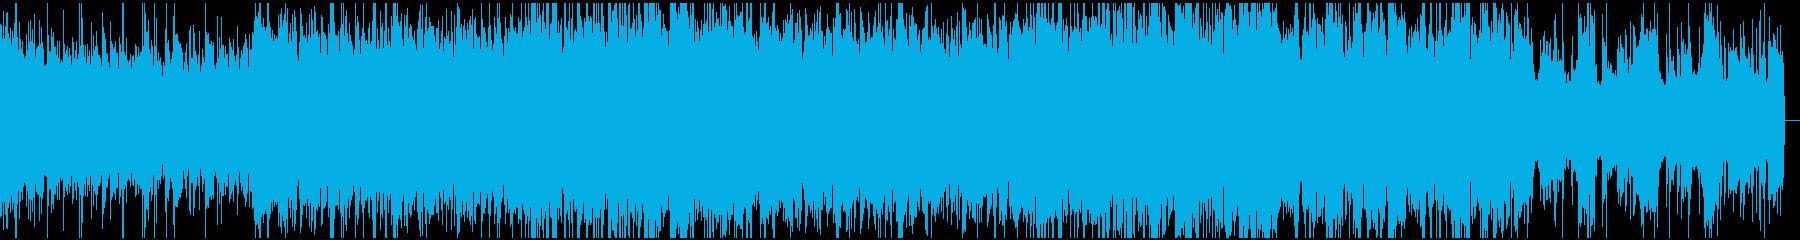 バトルに向きそうなシンプルメタルサウンドの再生済みの波形